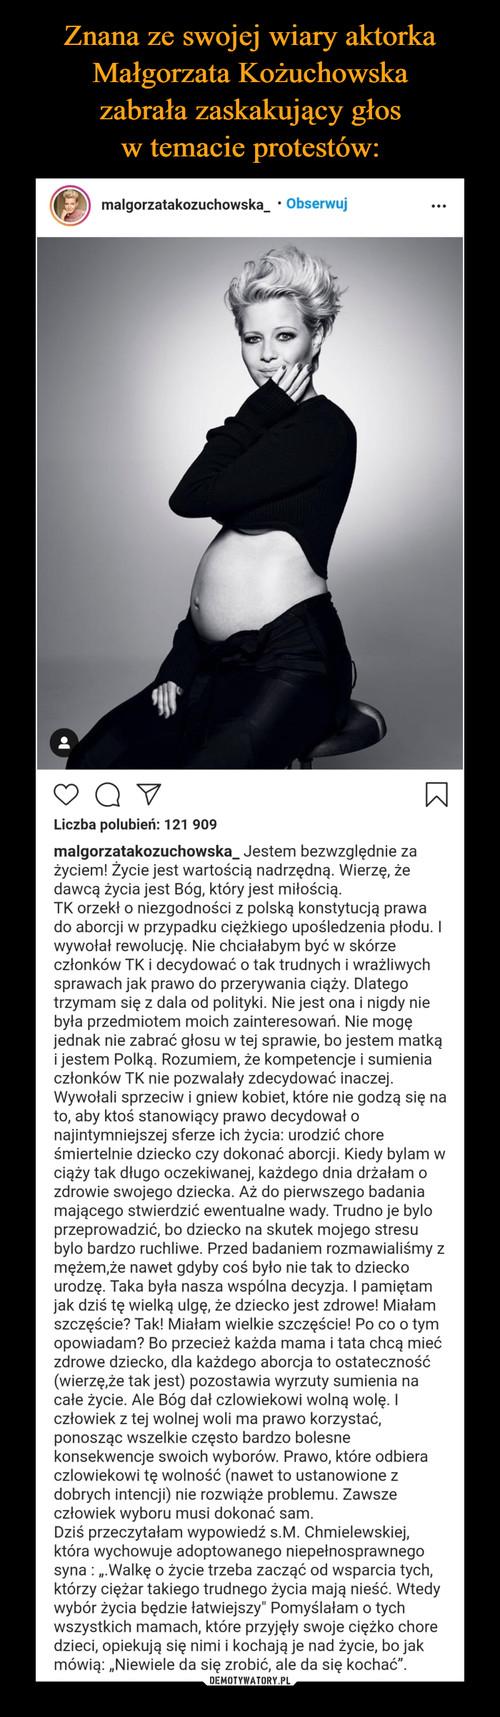 Znana ze swojej wiary aktorka Małgorzata Kożuchowska zabrała zaskakujący głos w temacie protestów: